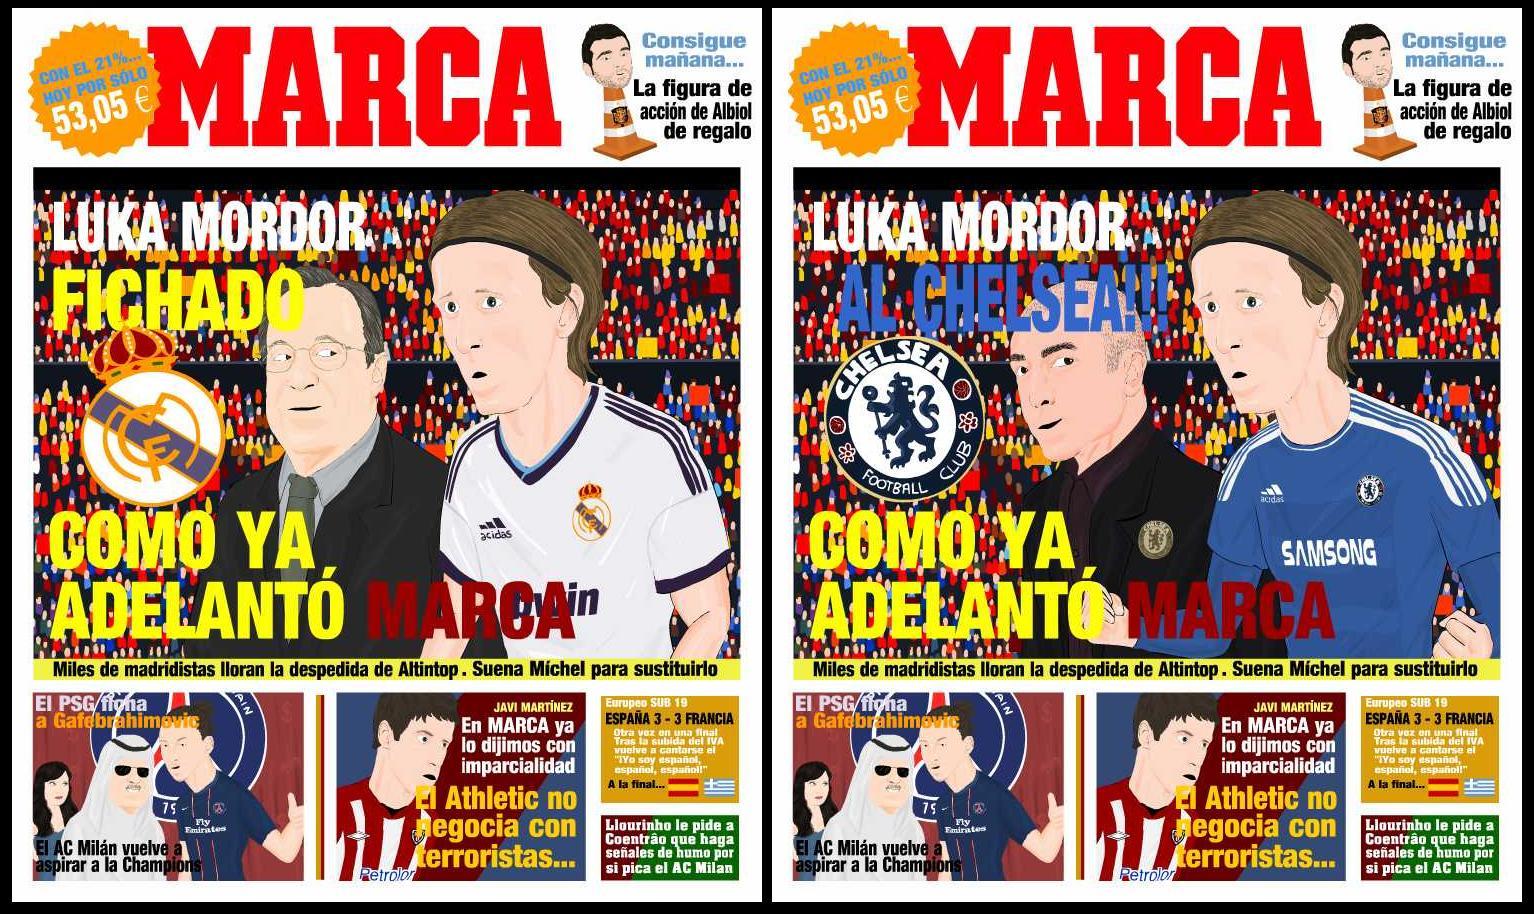 La portada del MARCA de mañana... http://t.co/SclZgMaR